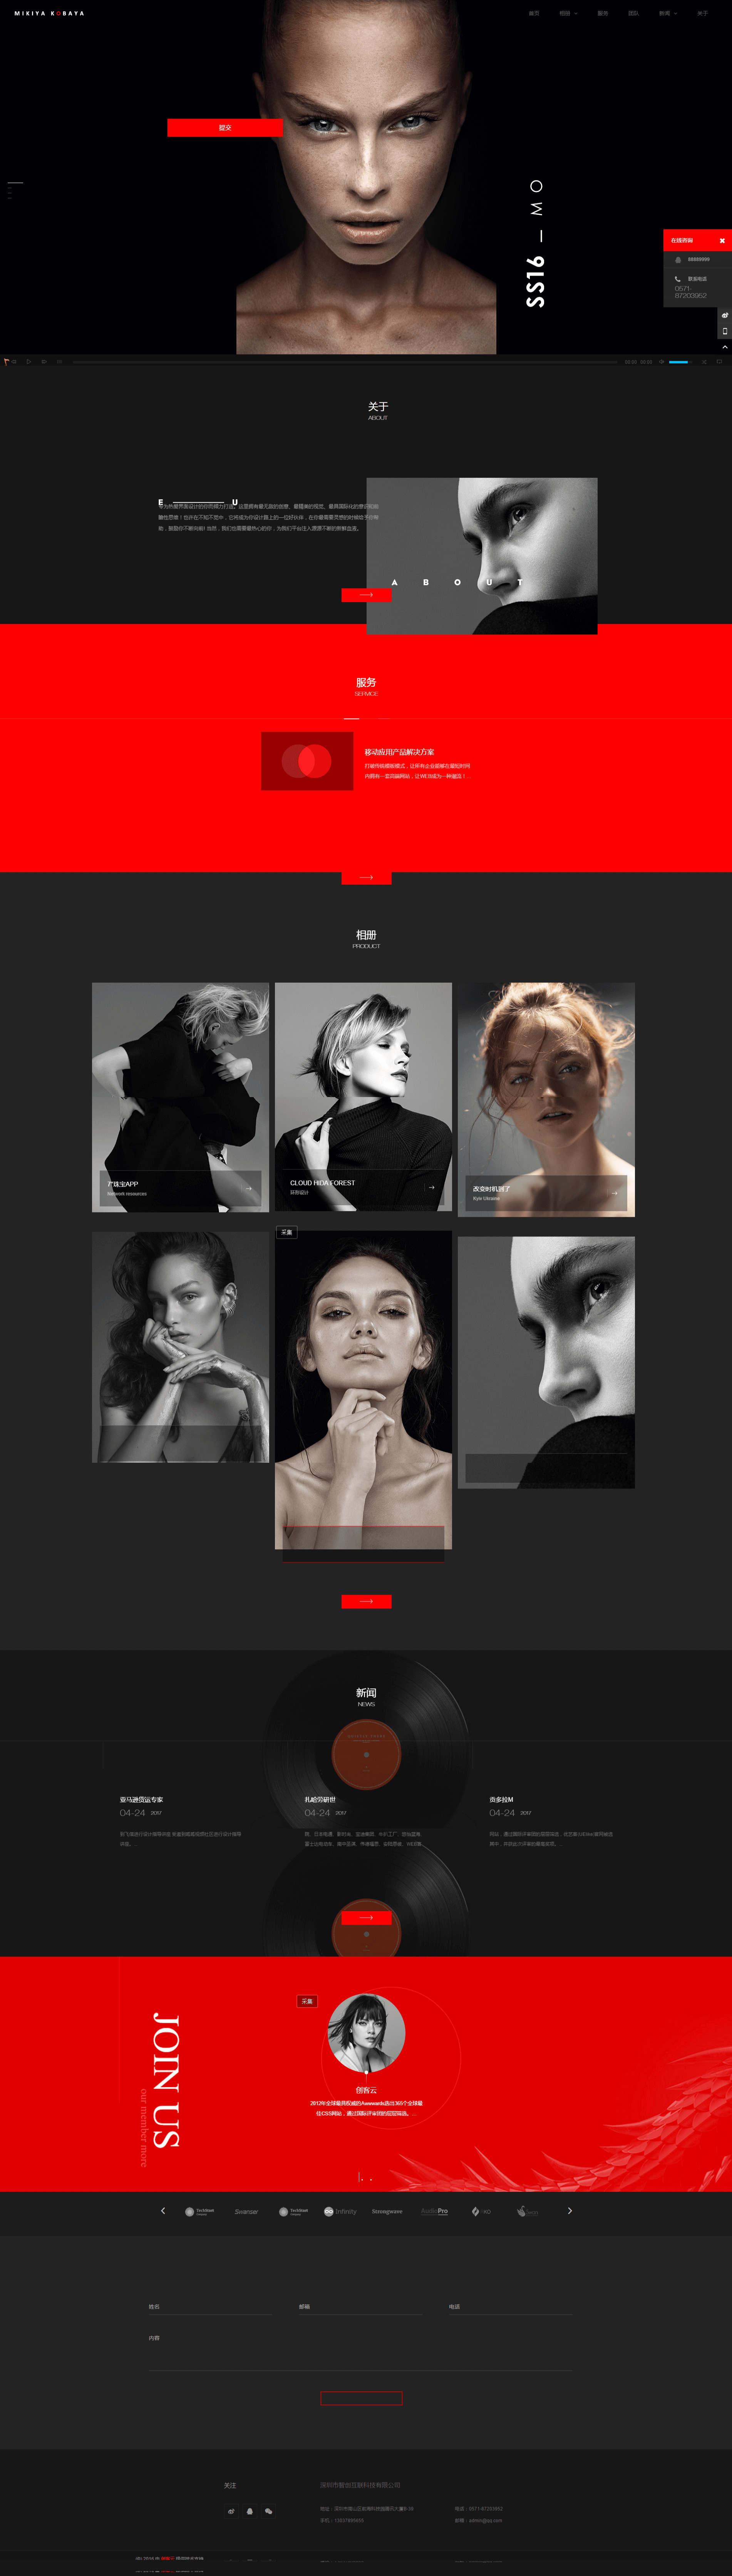 简约大气黑色摄影html5模版